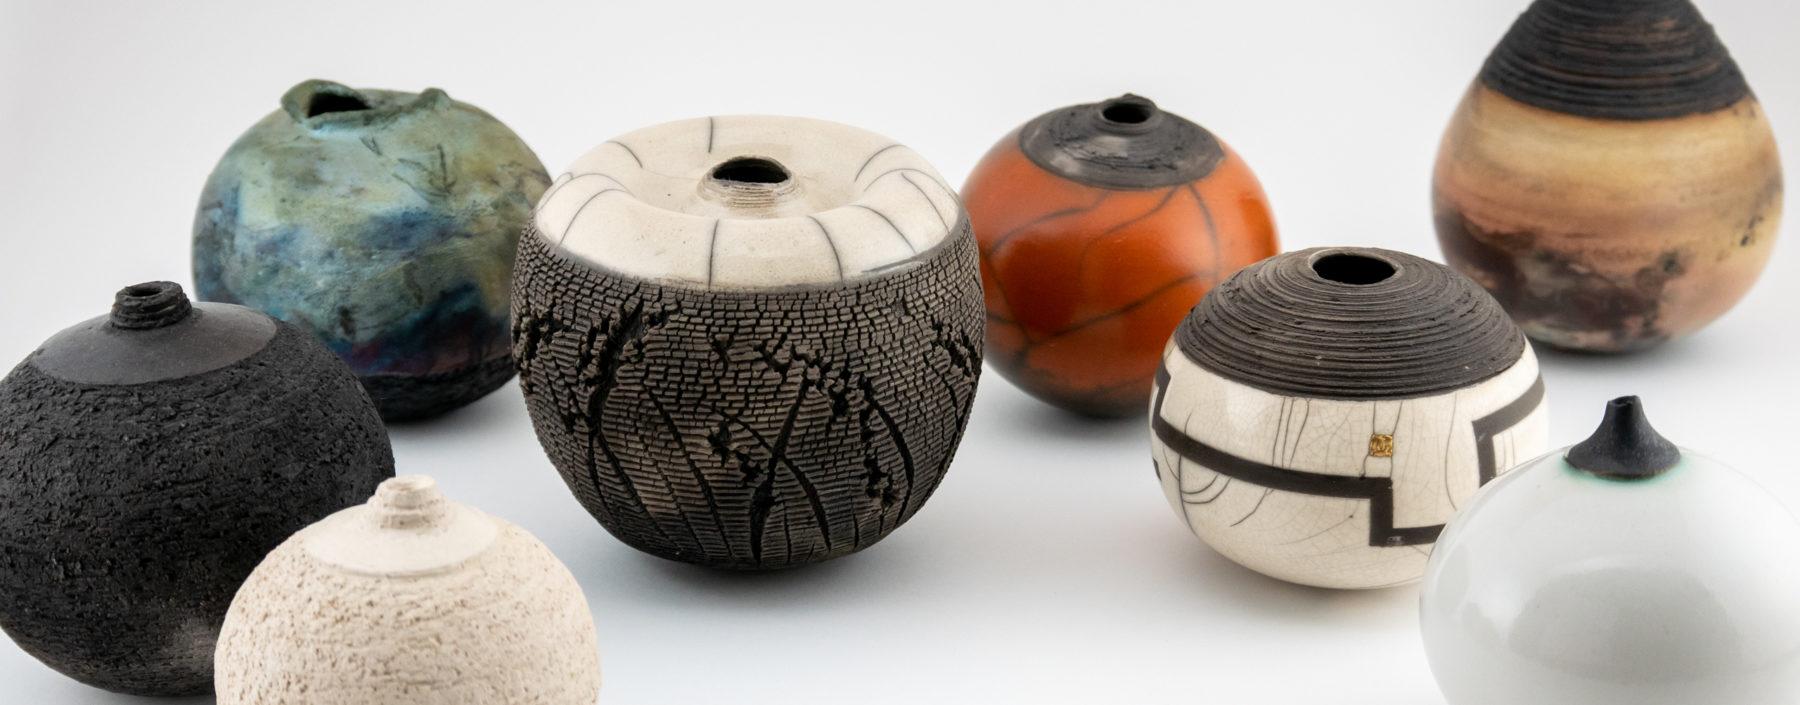 Ildikó Károlyi Ceramics Shop